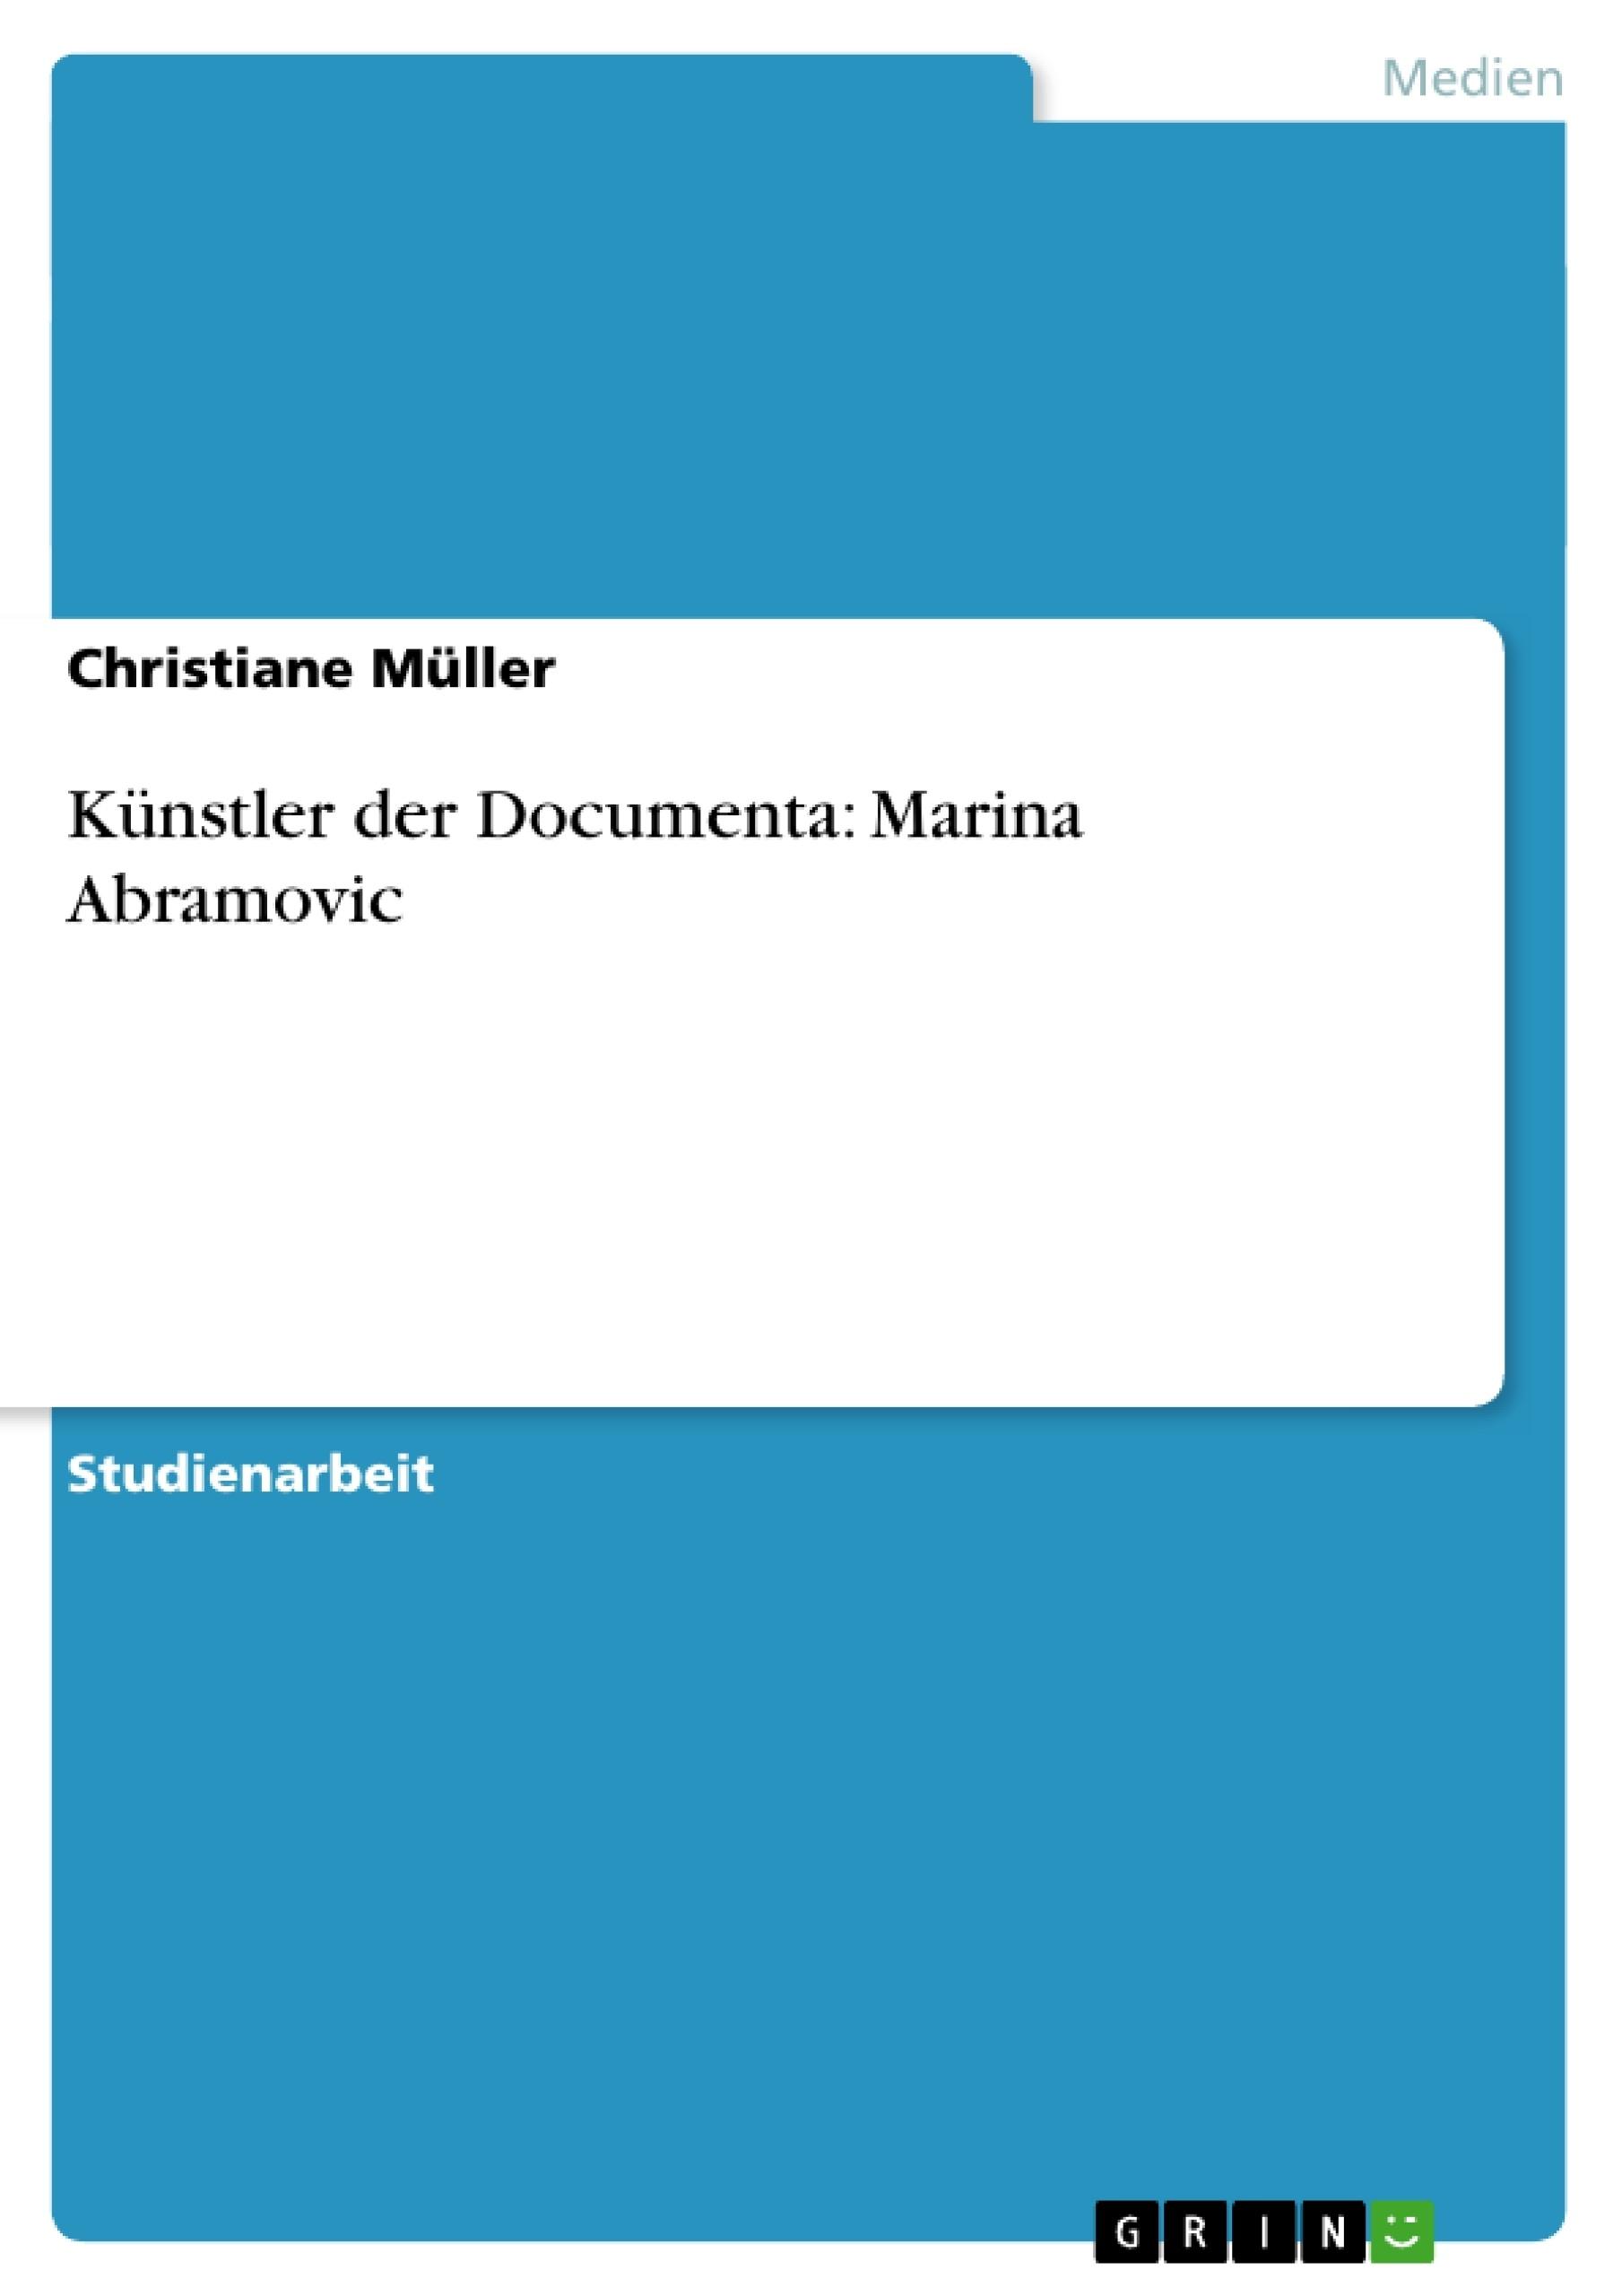 Titel: Künstler der Documenta: Marina Abramovic